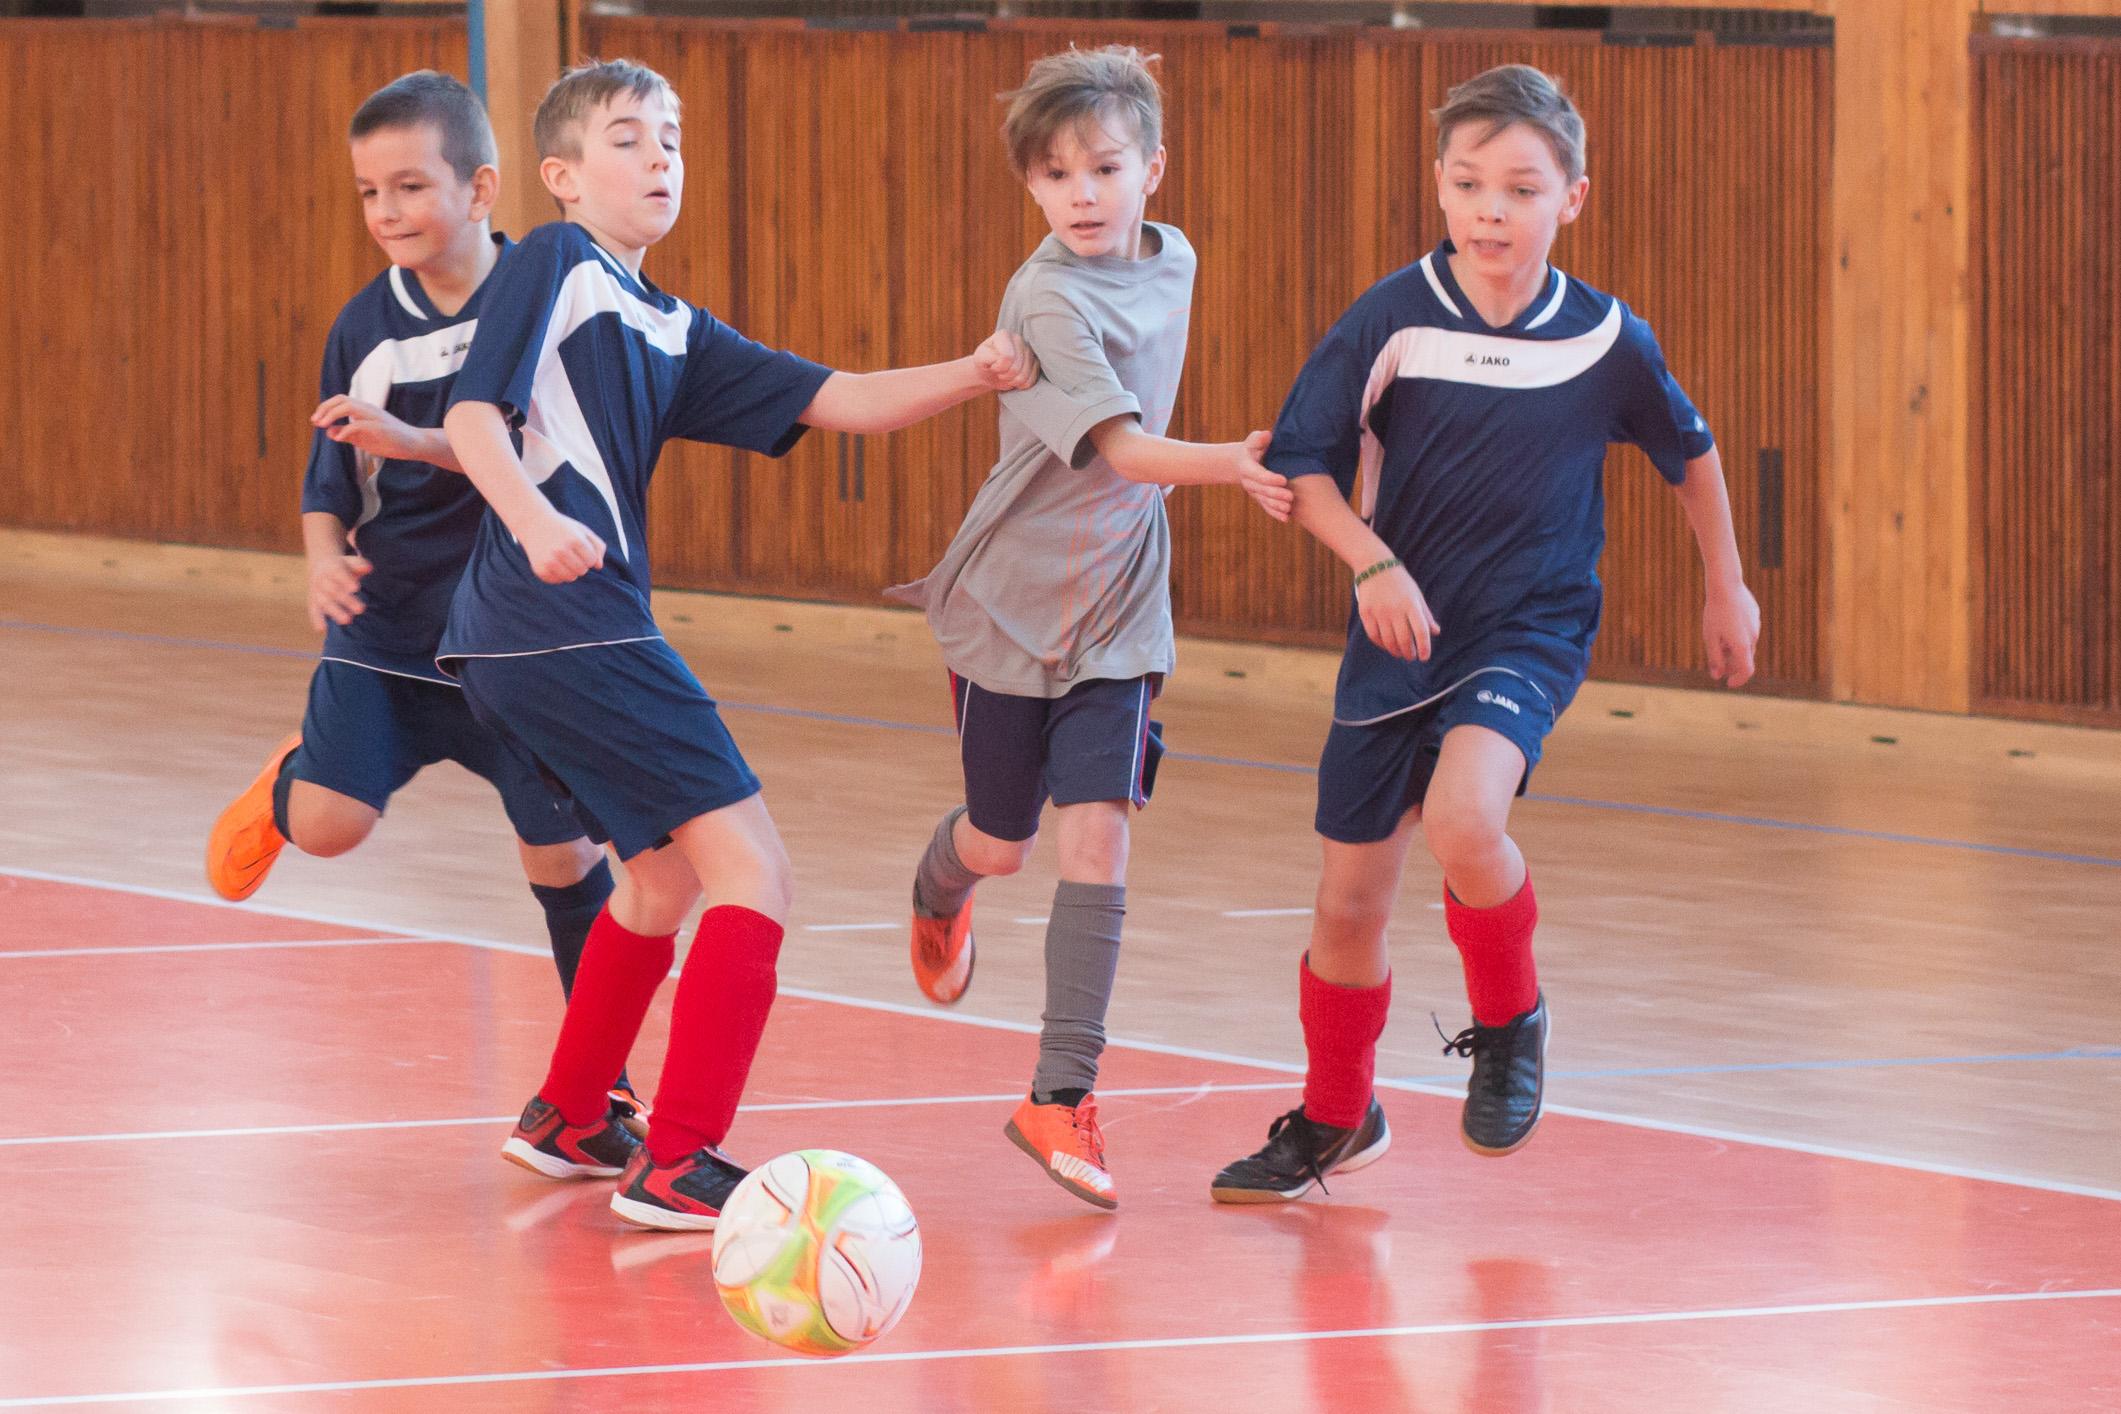 novorocny-turnaj-minifutbal-zvolen-121